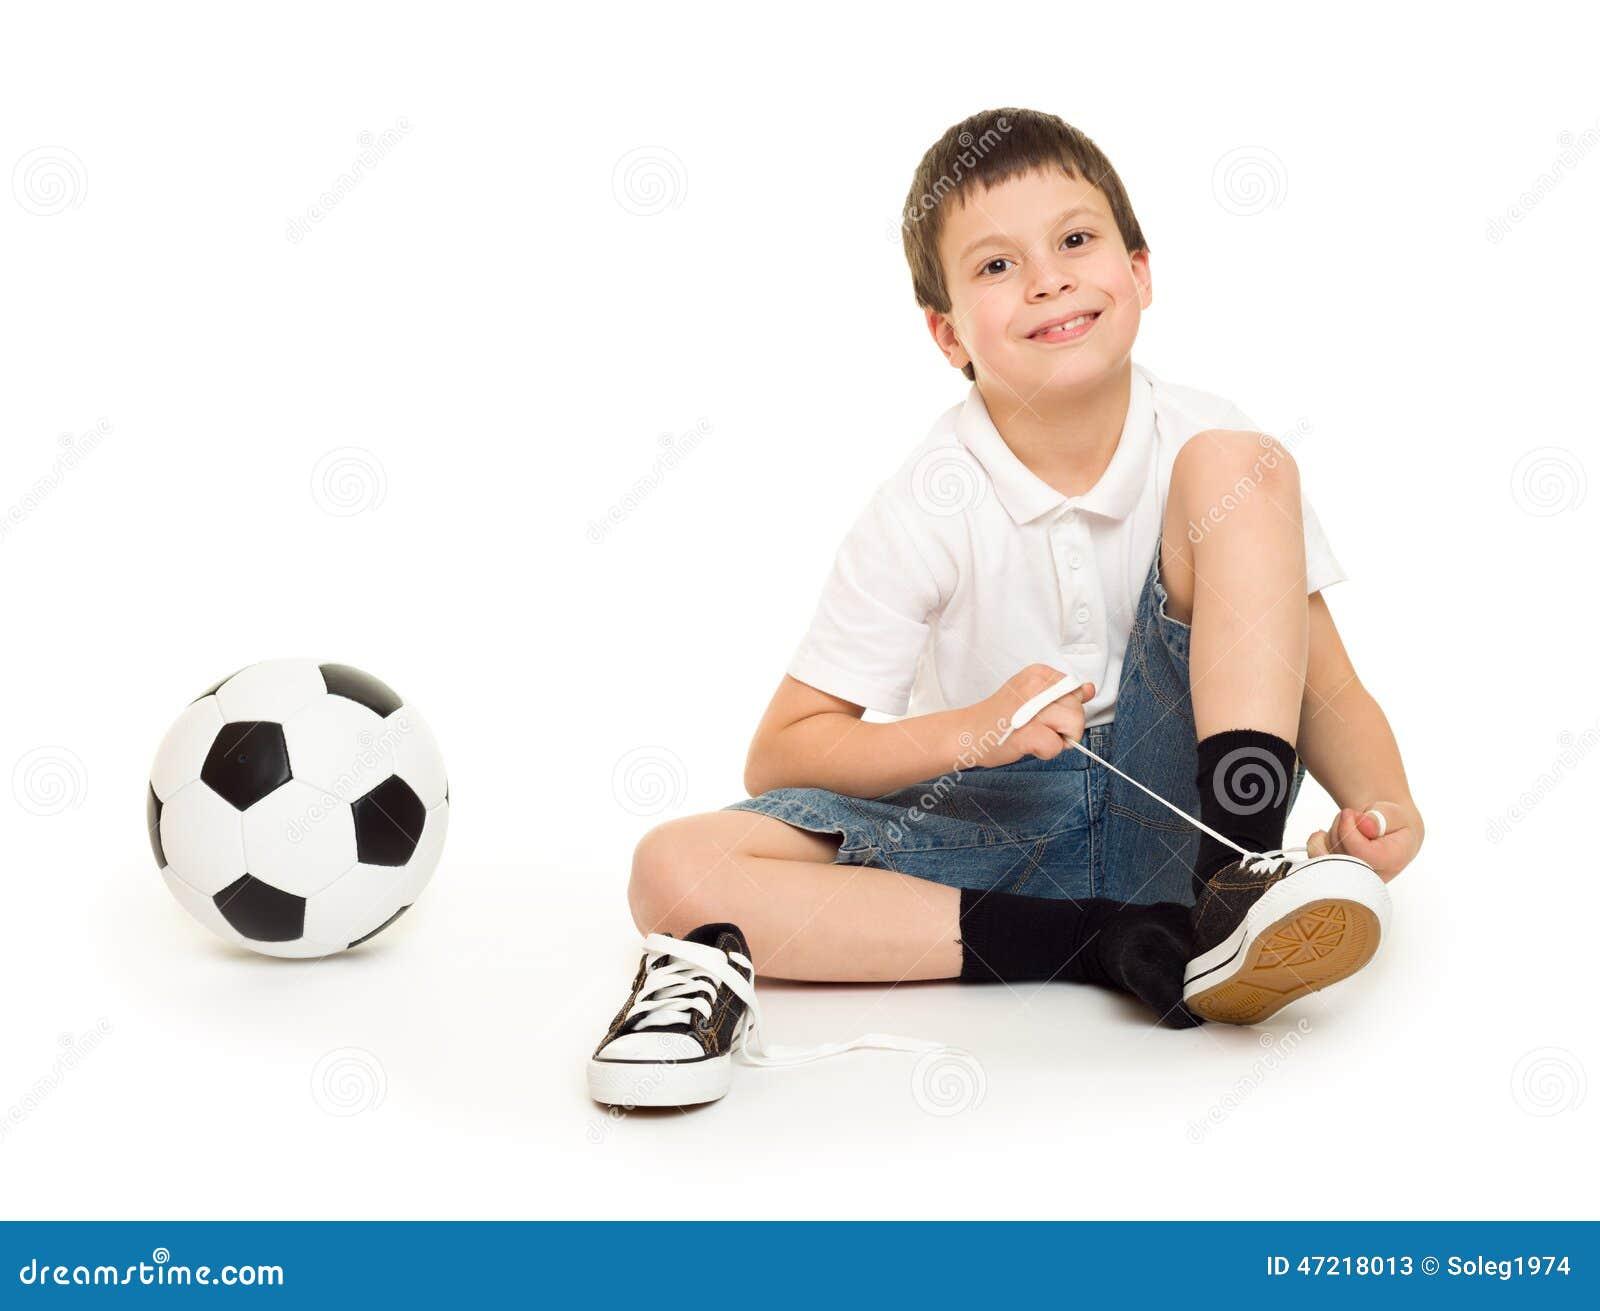 Junge mit Fußball